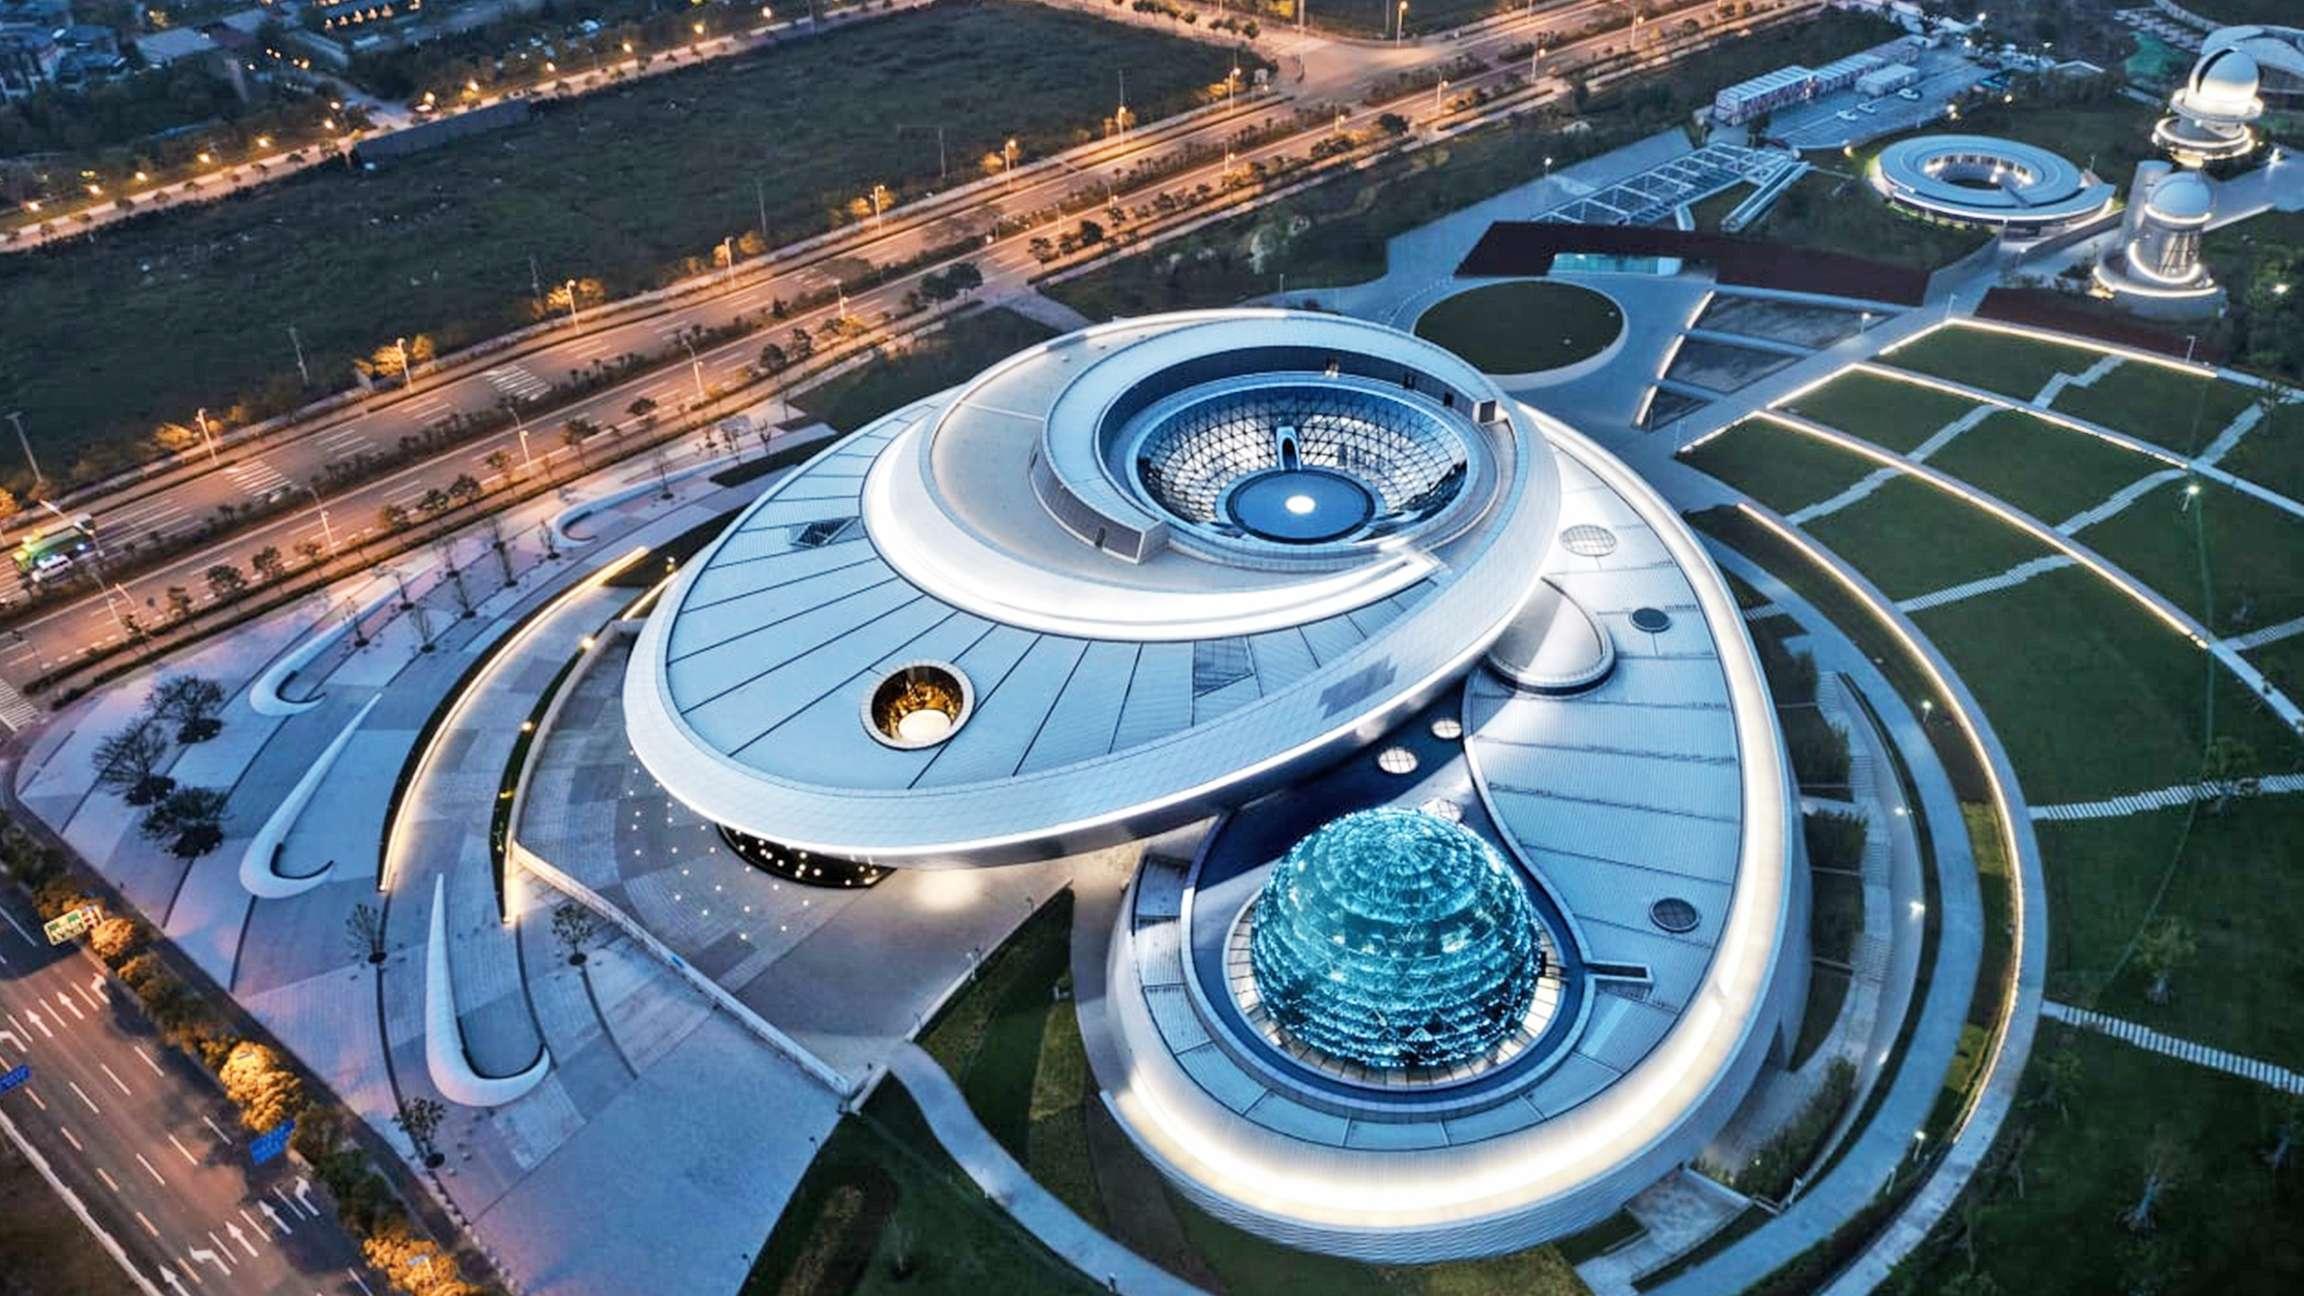 Στη Σαγκάη το μεγαλύτερο μουσείο αστρονομίας στον κόσμο υποδέχεται το κοινό